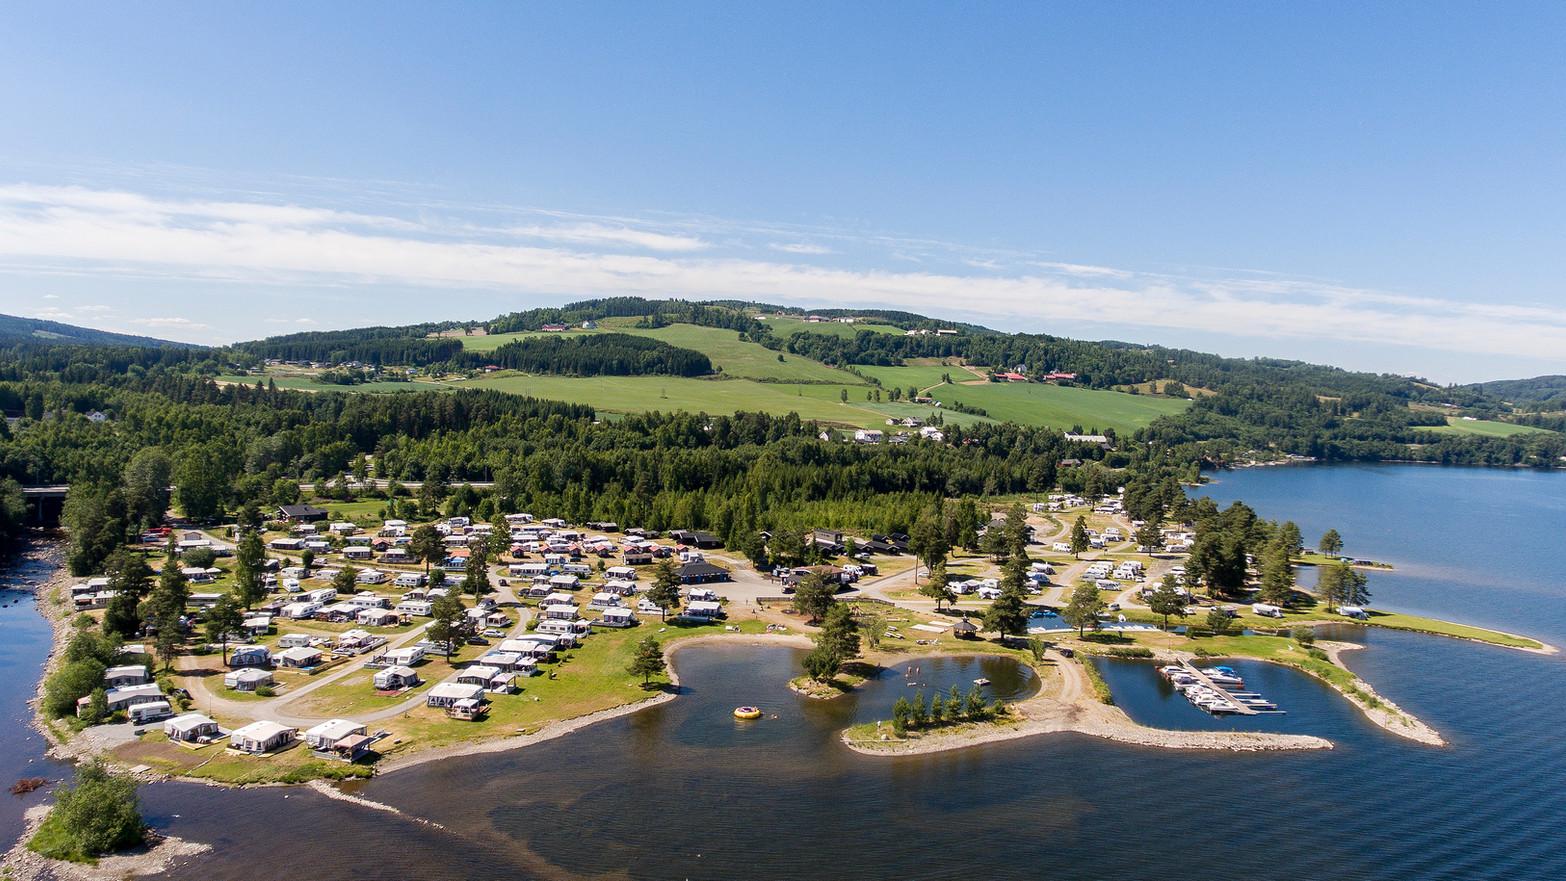 Sveastranda camping,, cabins, caravan, motorhome, tent, beach